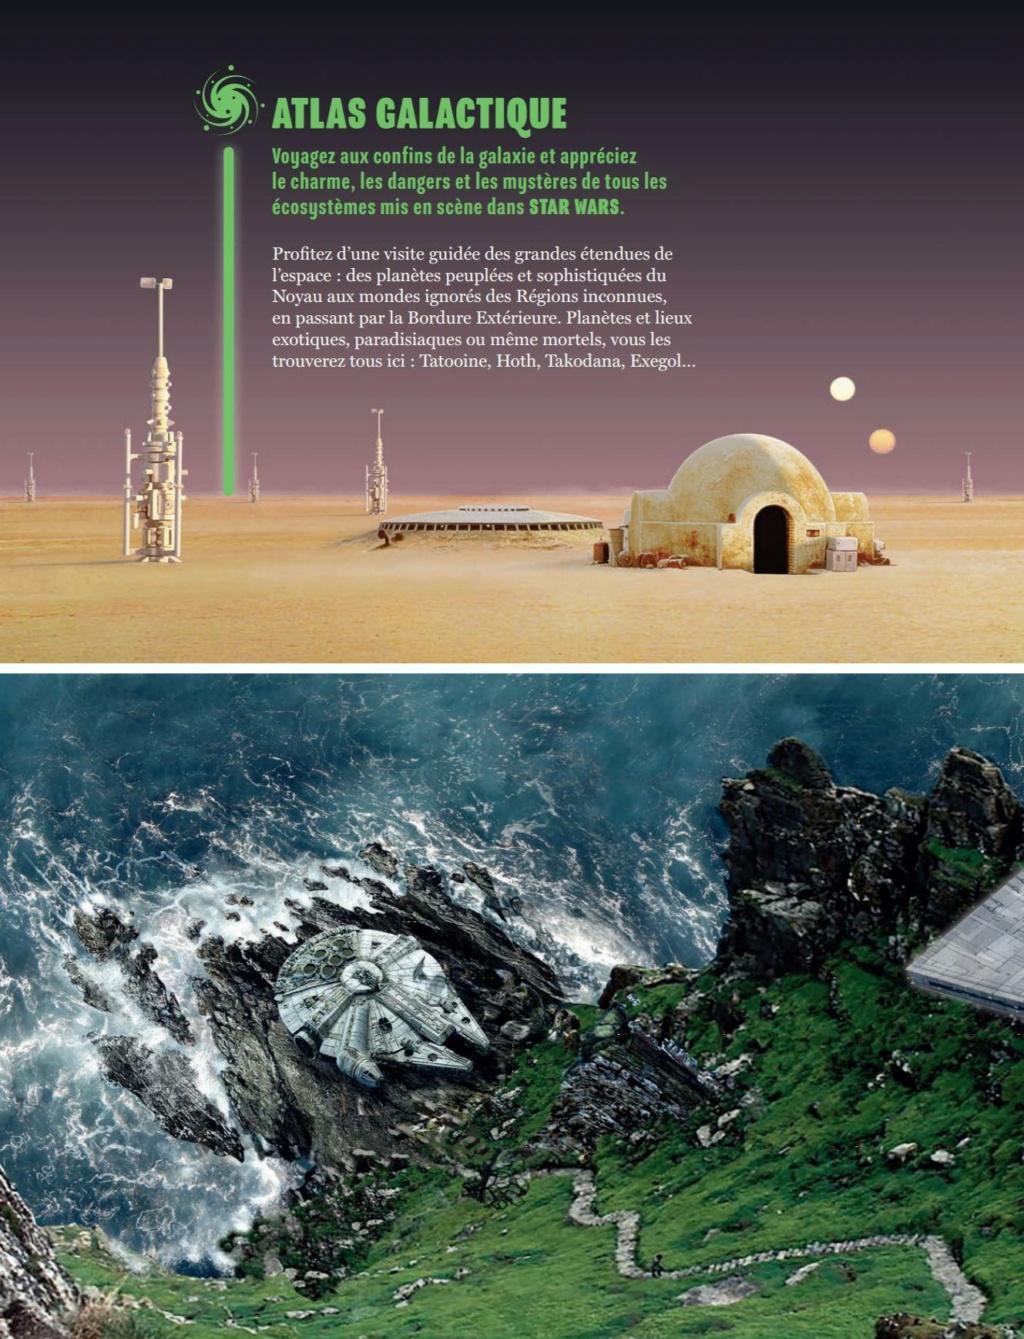 Encyclopédie Star Wars - Altaya 0631